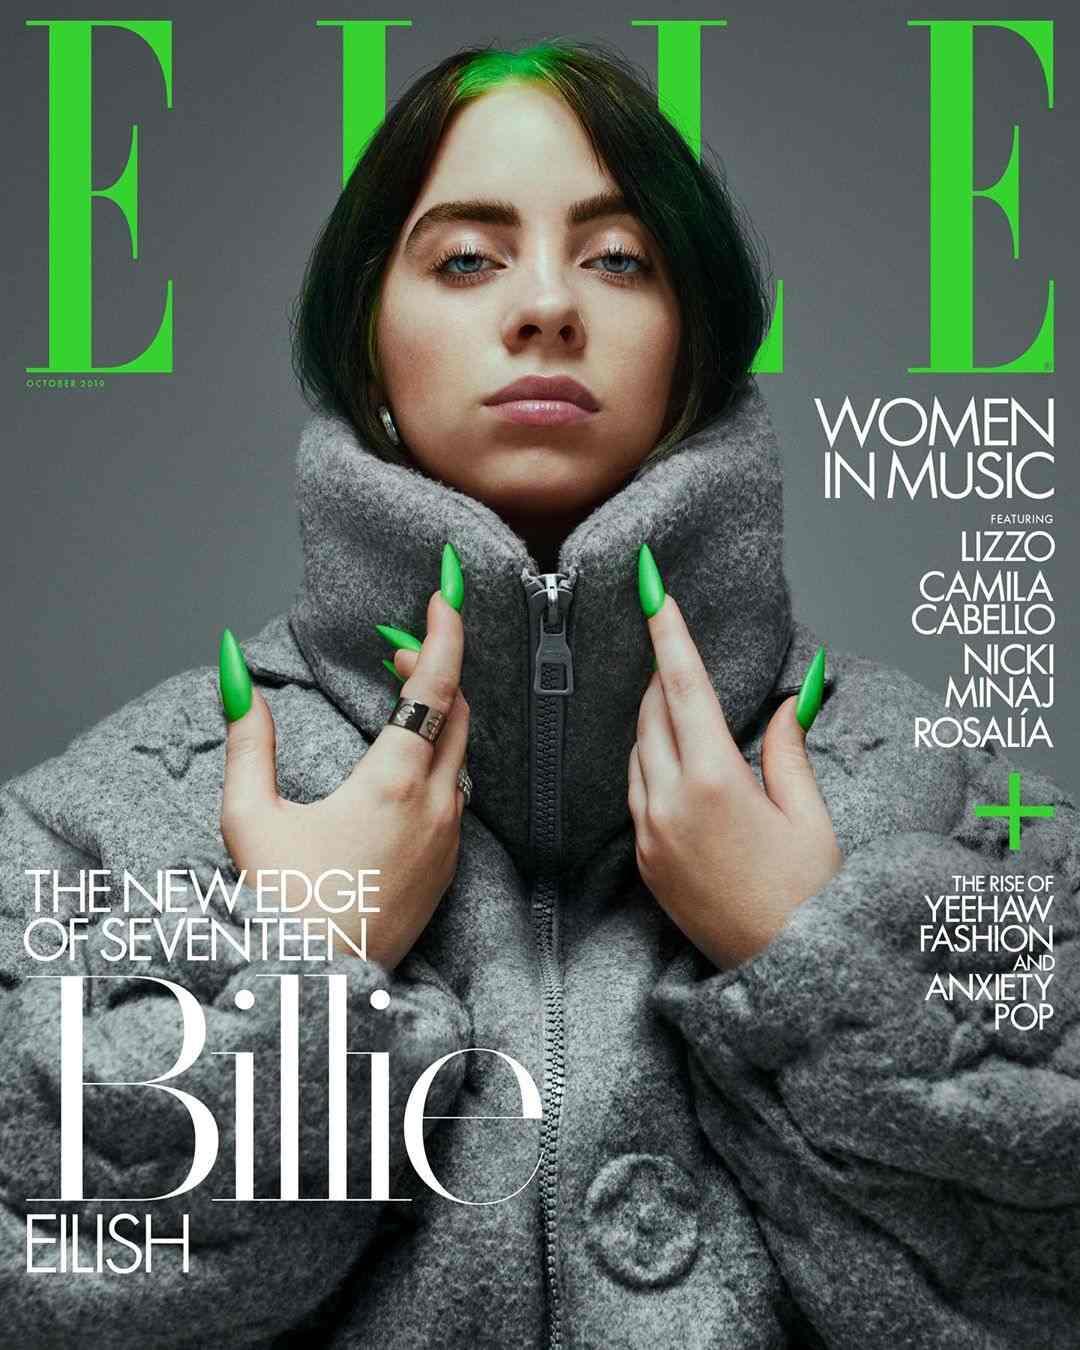 Billie Eilish Biography Wiki , Age, Height, Boyfriend & Net Worth